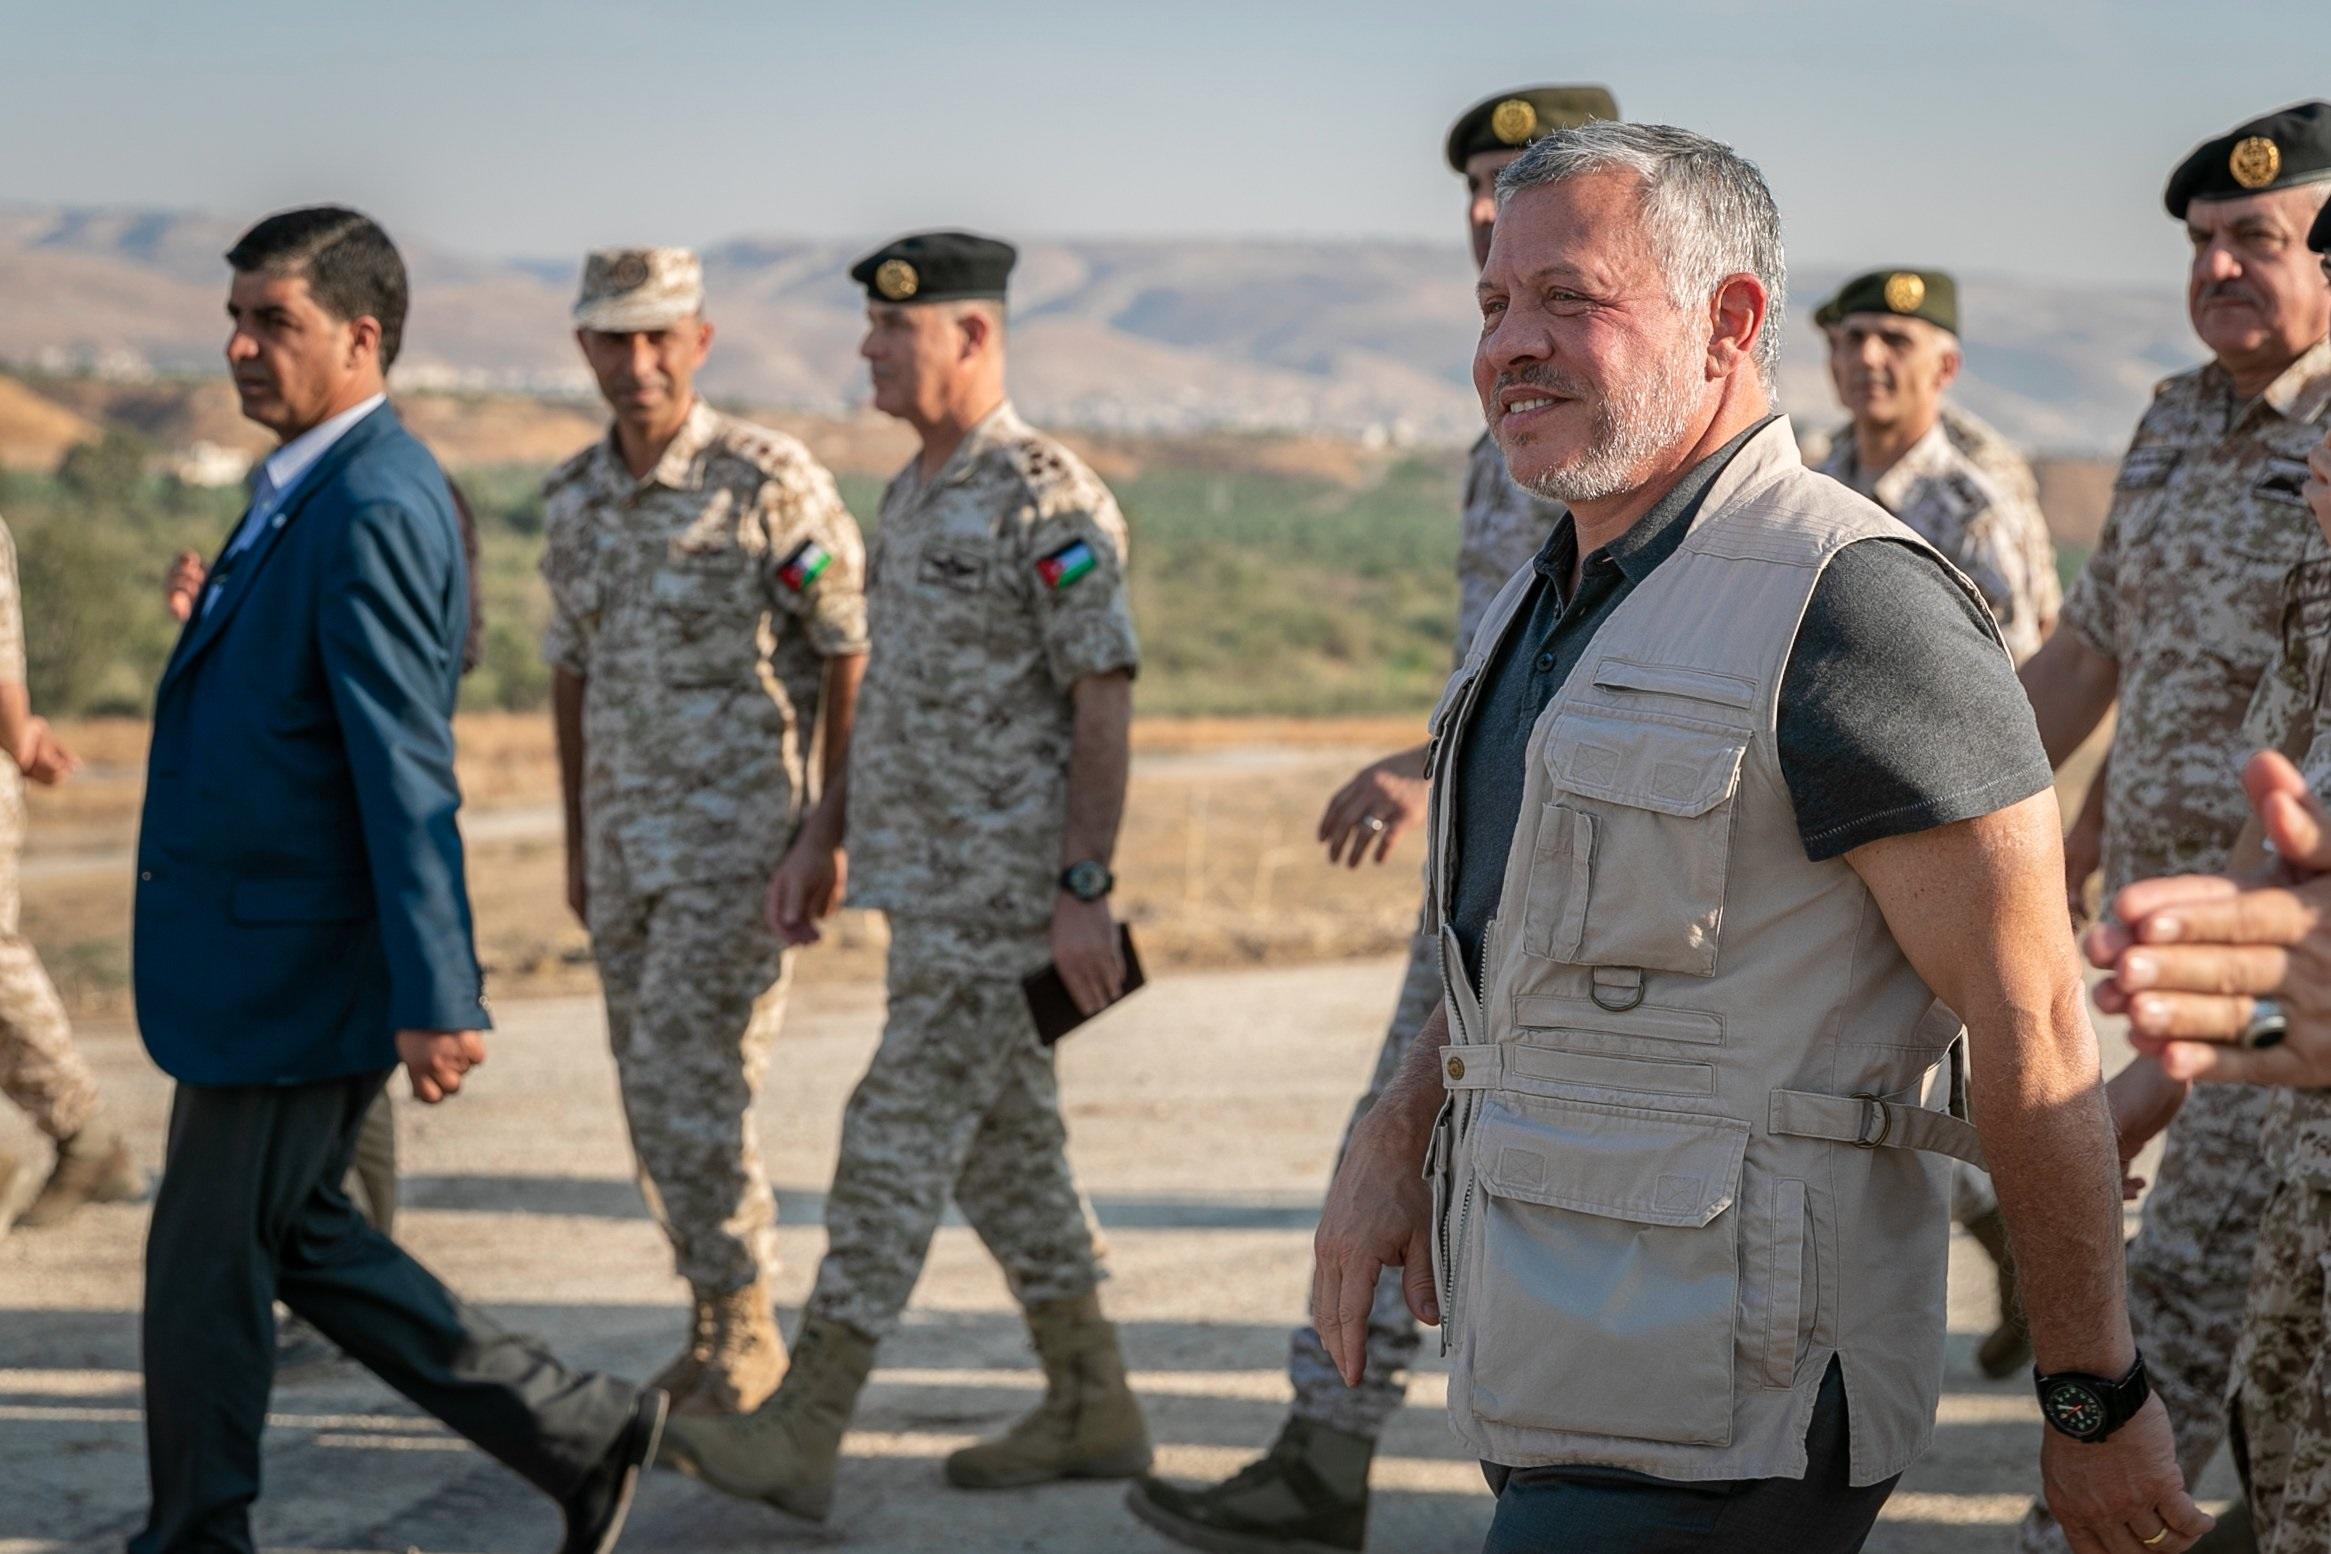 الملك يزور الباقورة اليوم ويعلن ان سيادة الأردن على أرضه فوق كل اعتبار